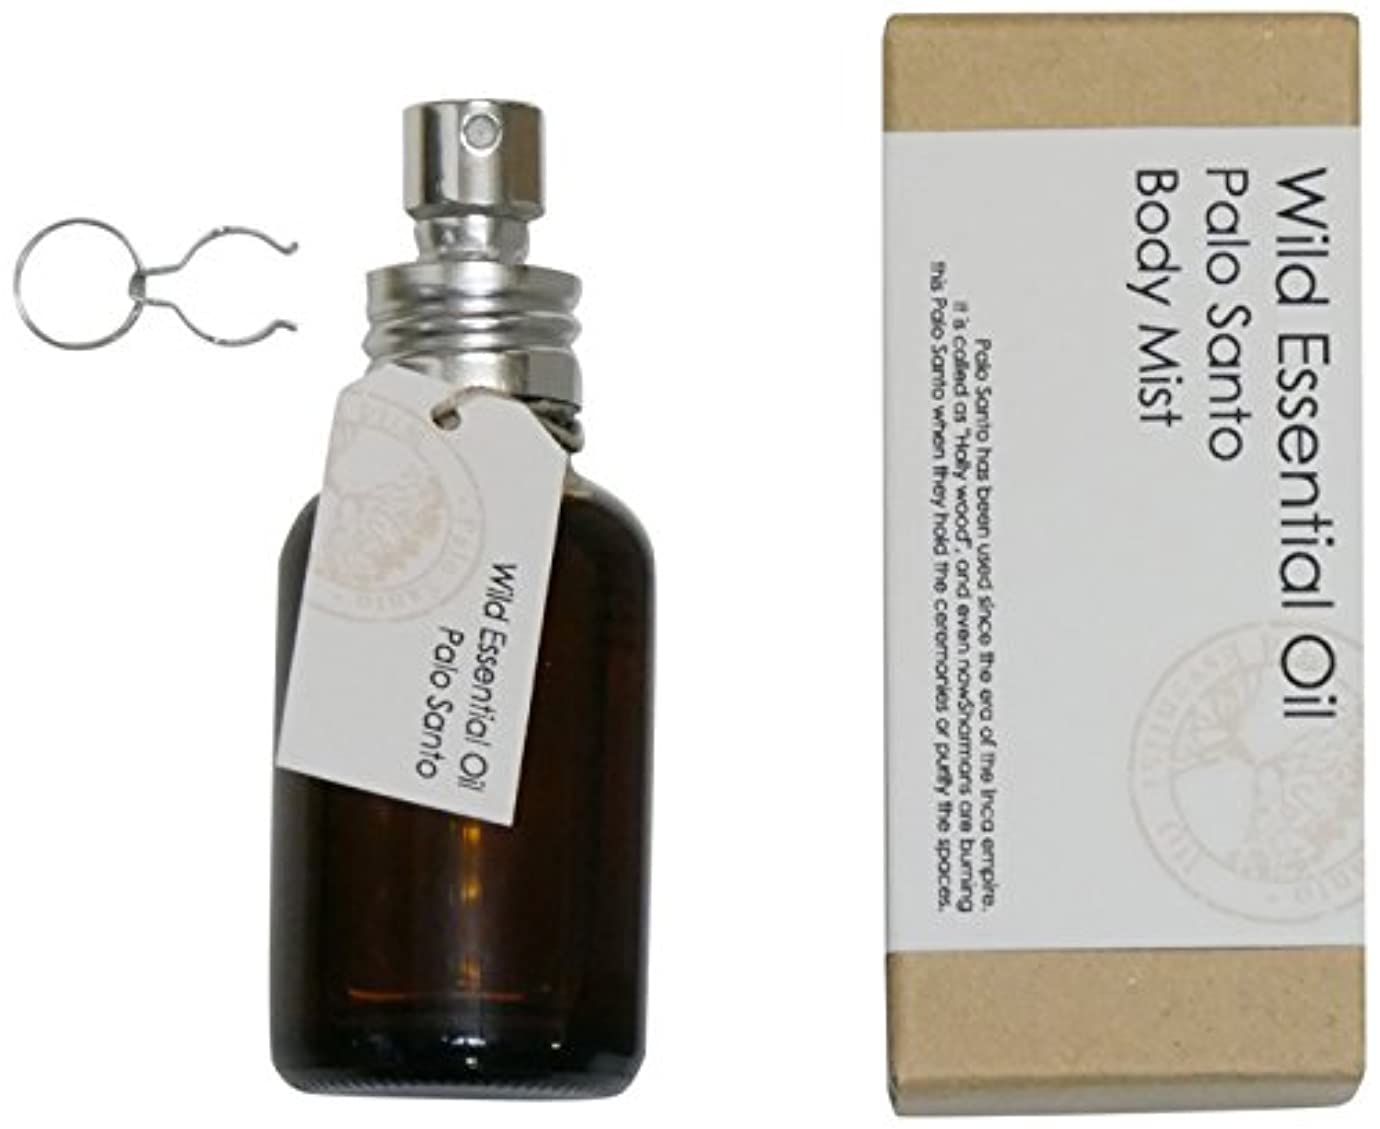 五十効率的商品アロマレコルト ボディミスト パロサント 【Palo Santo】 ワイルド エッセンシャルオイル wild essential oil body mist arome recolte